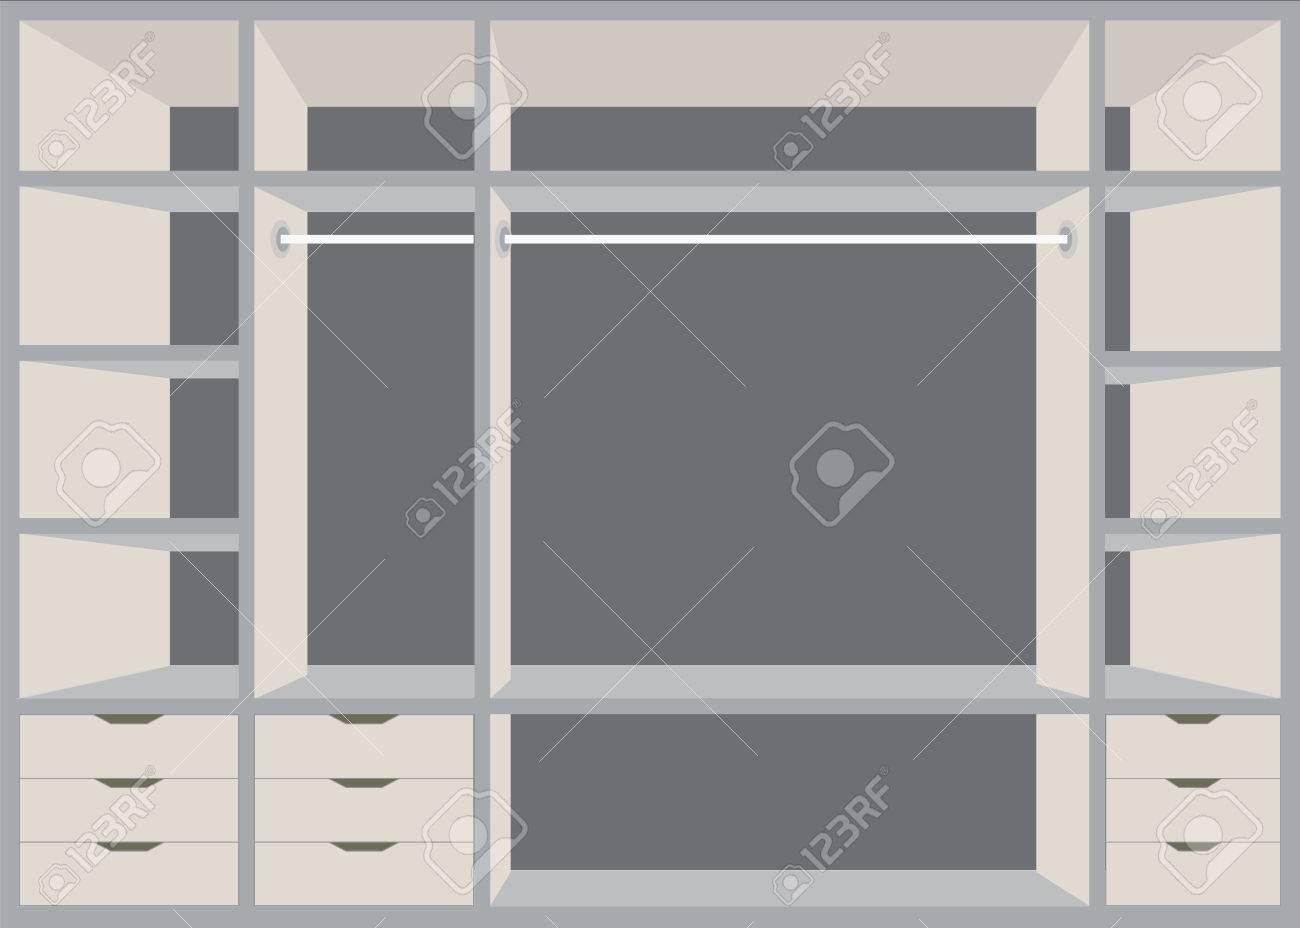 banque d images design plat promenade dans le placard avec etageres design d interieur meubles salle de garde robe illustration vectorielle